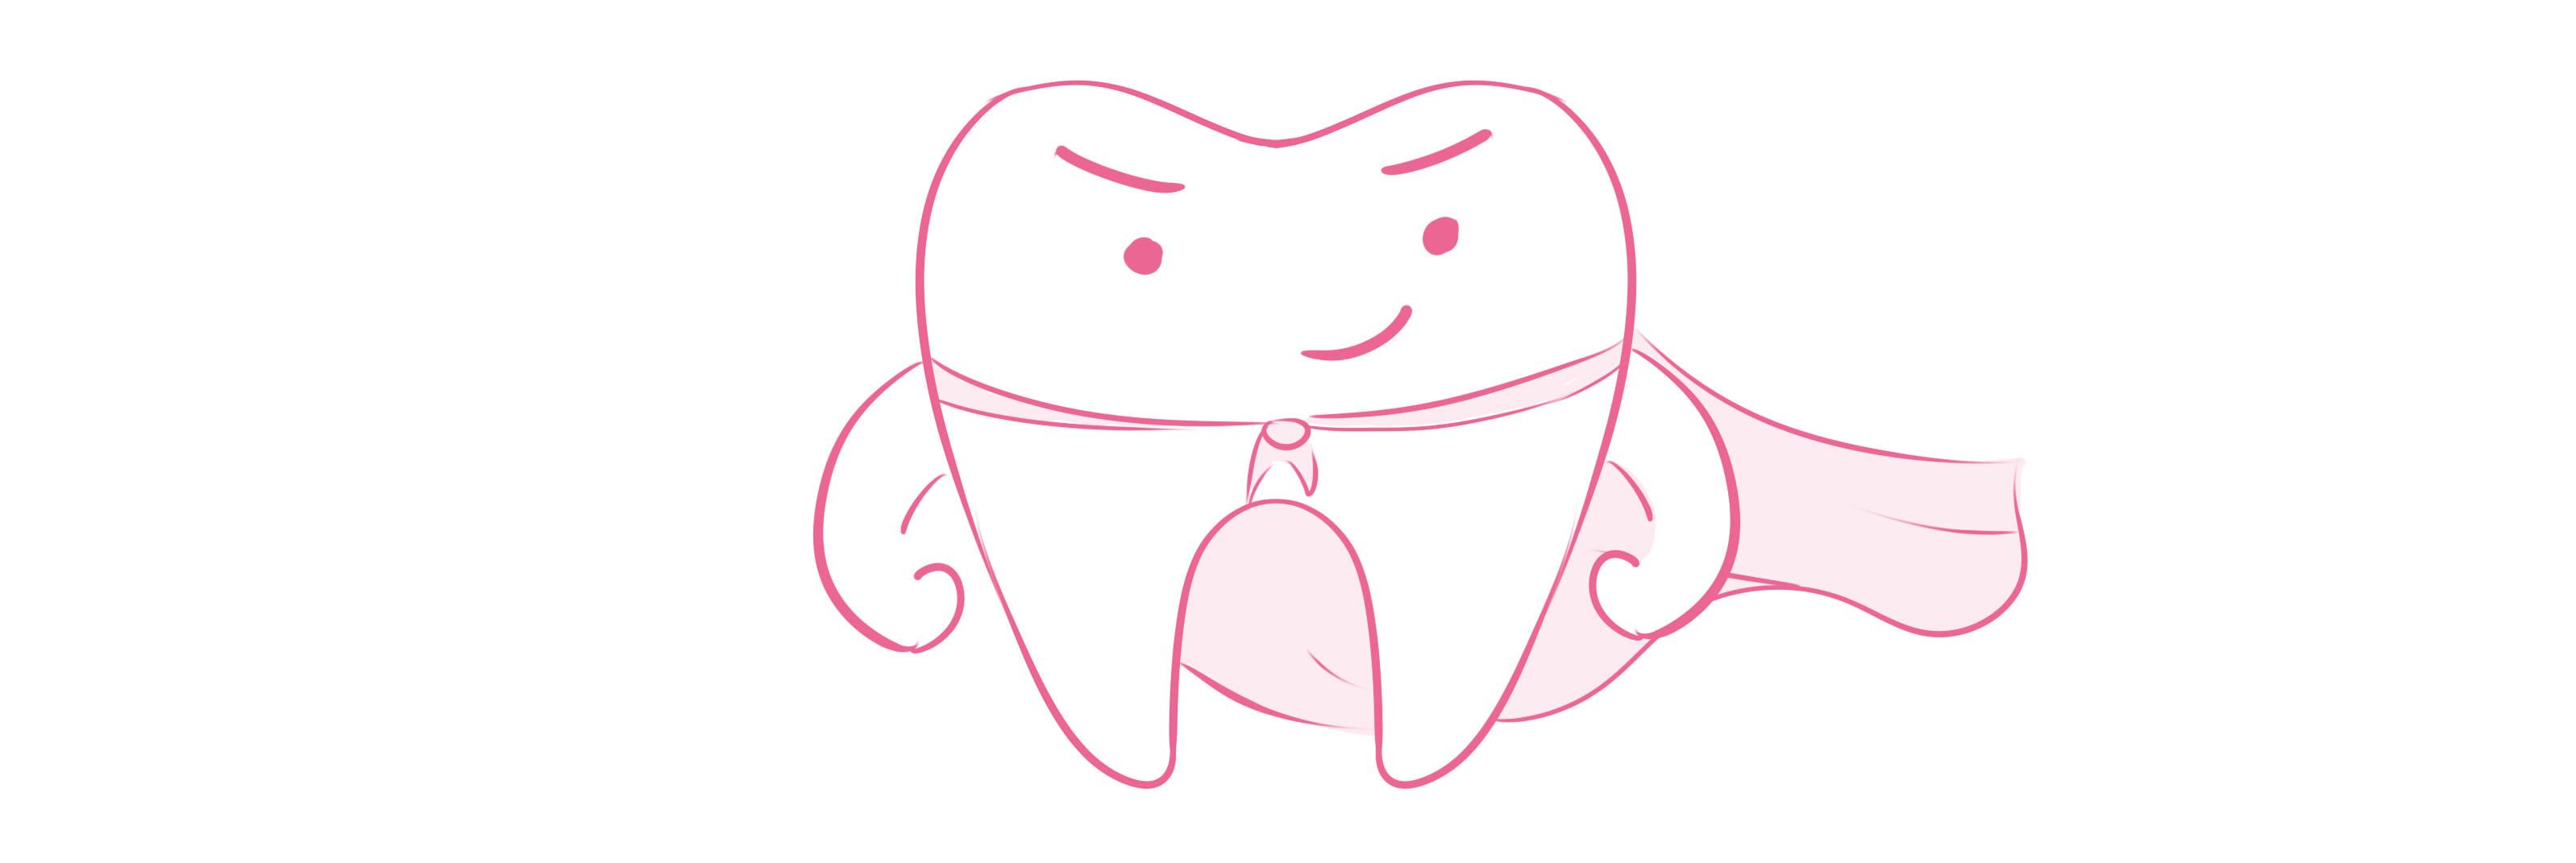 从萌出第一颗牙齿开始,就应该给孩子刷牙,而且要使用含氟牙膏.